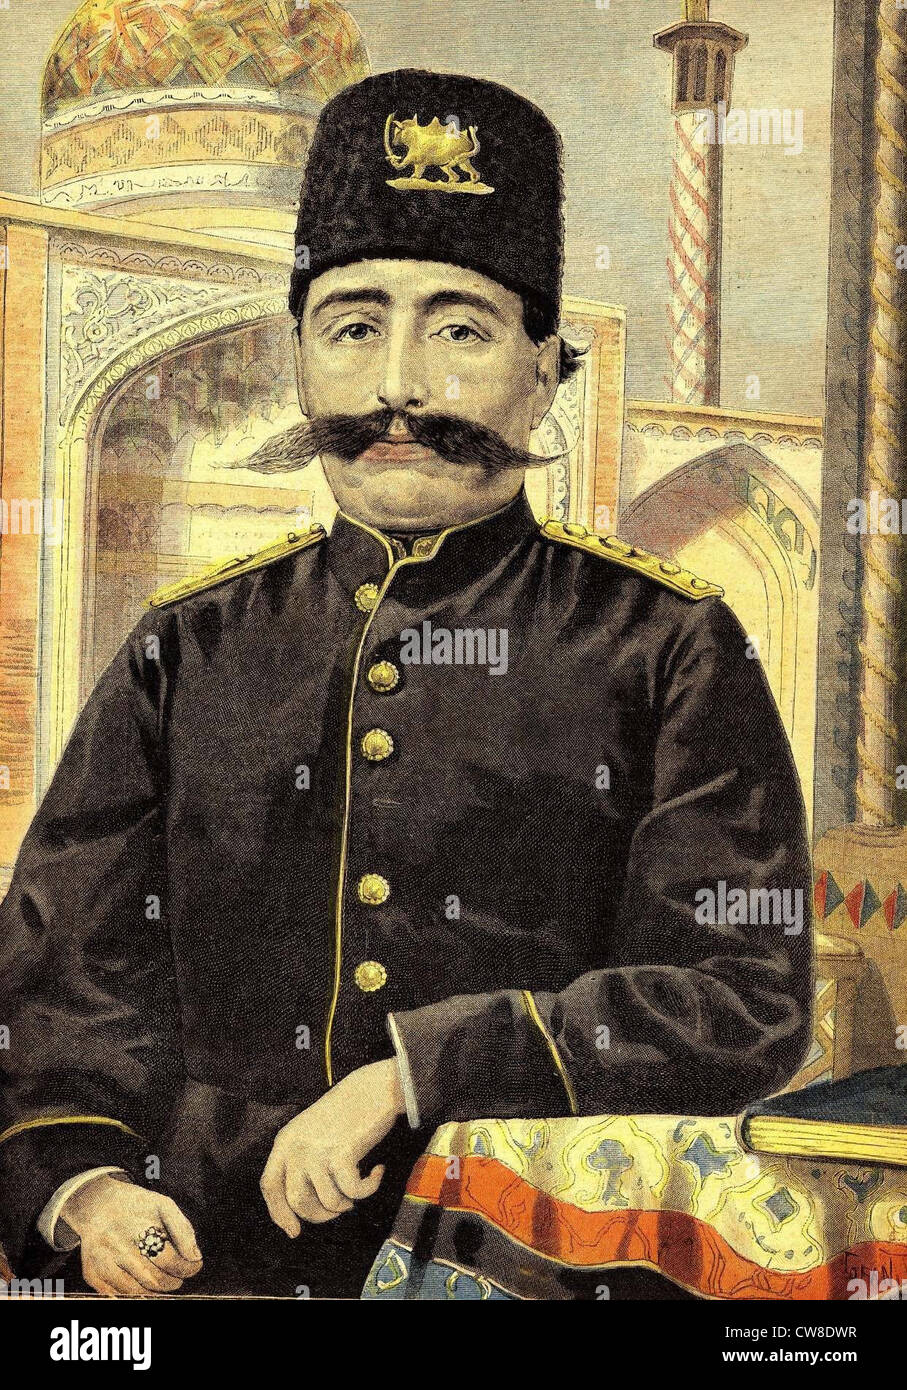 Shah Mozaffar al-Din. - Stock Image